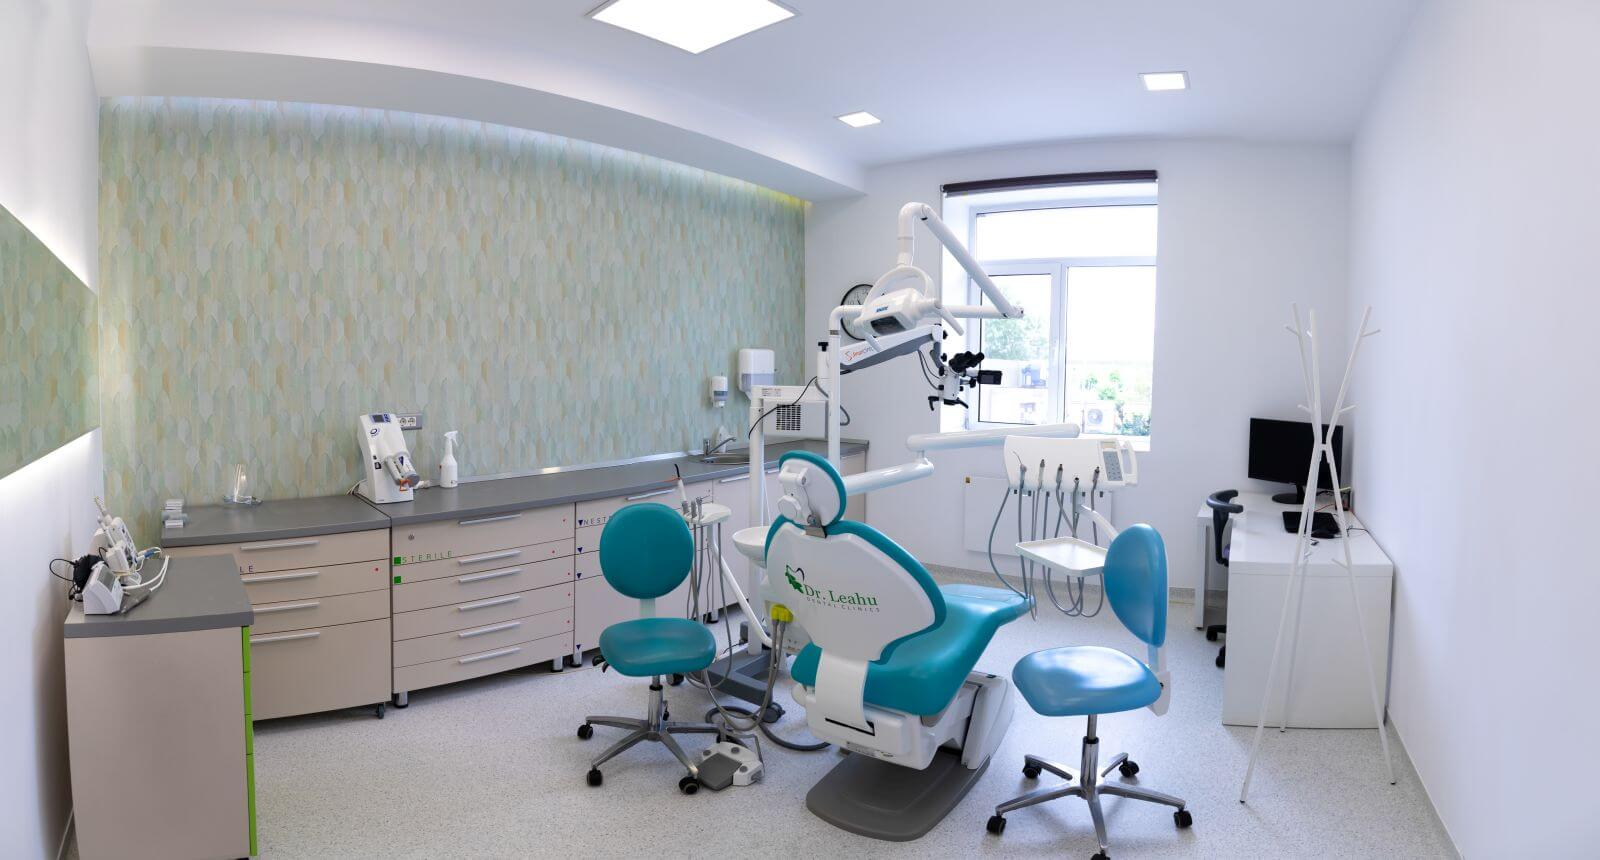 Medici dentiști și chirurgi stomatologi în timpul tratamentului pentru un pacient, in cadrul Centrului de Excelență în Implantologie Dentară Dr. Leahu Rin Grand Hotel, Clinica stomatologica sector 4 Bucuresti